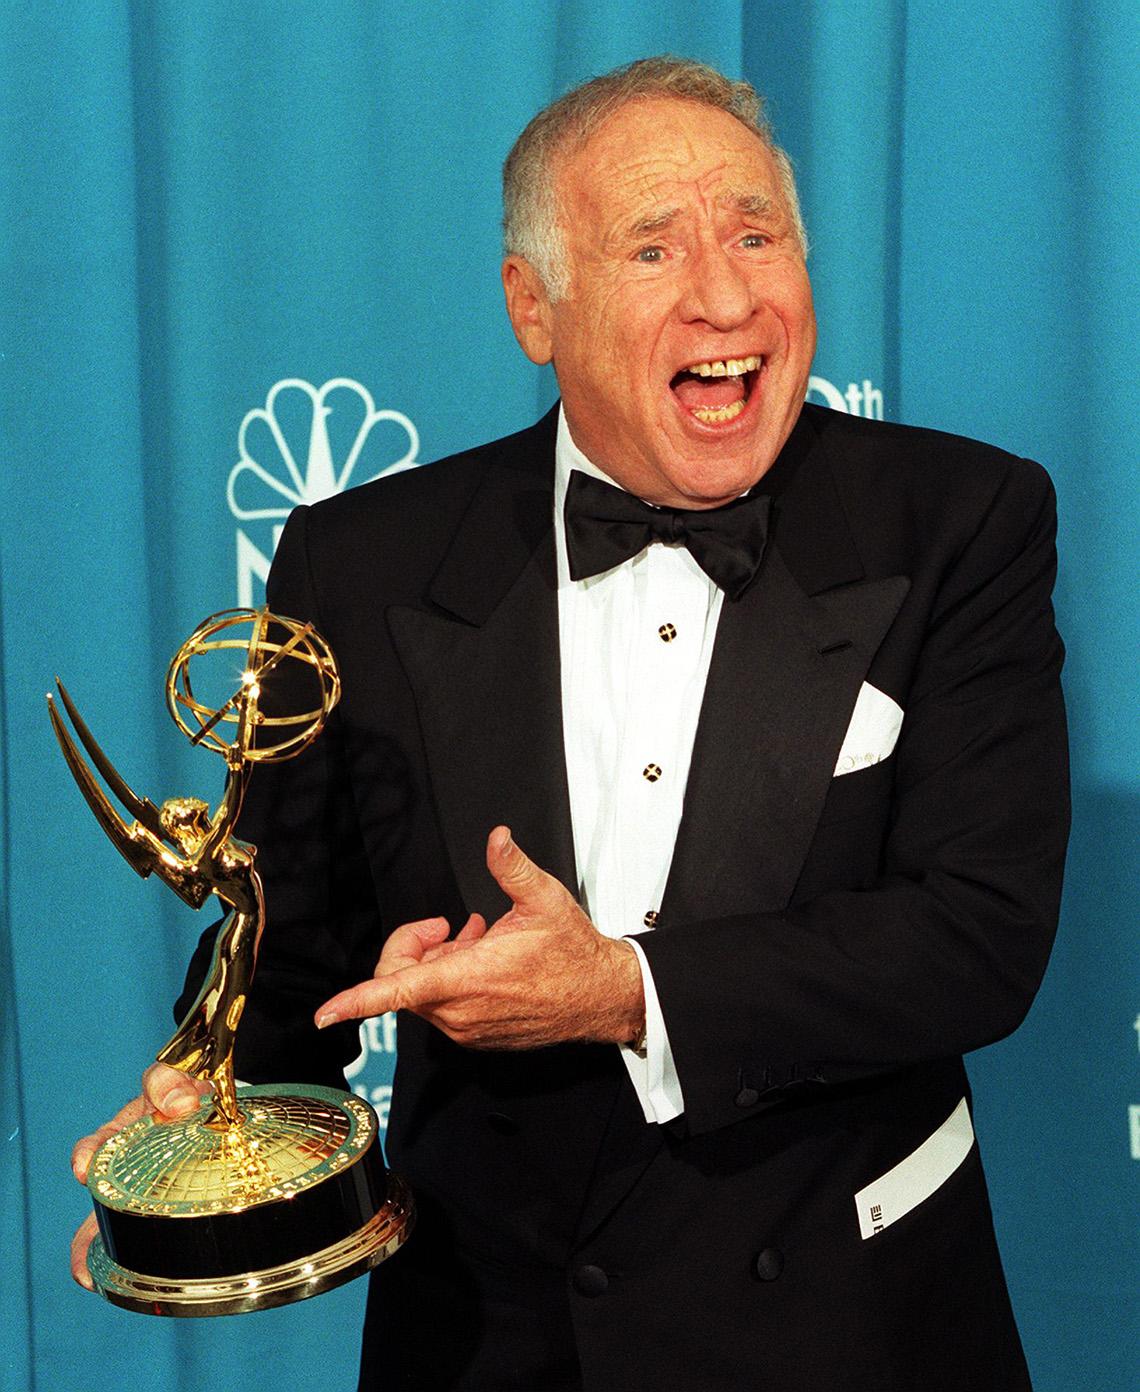 """El comediante Mel Brooks señala su premio Emmy en la 50ª edición de los premios Primetime Emmy al mejor actor invitado en una serie de comedia por su papel del tío Phil en """"Mad About You""""."""